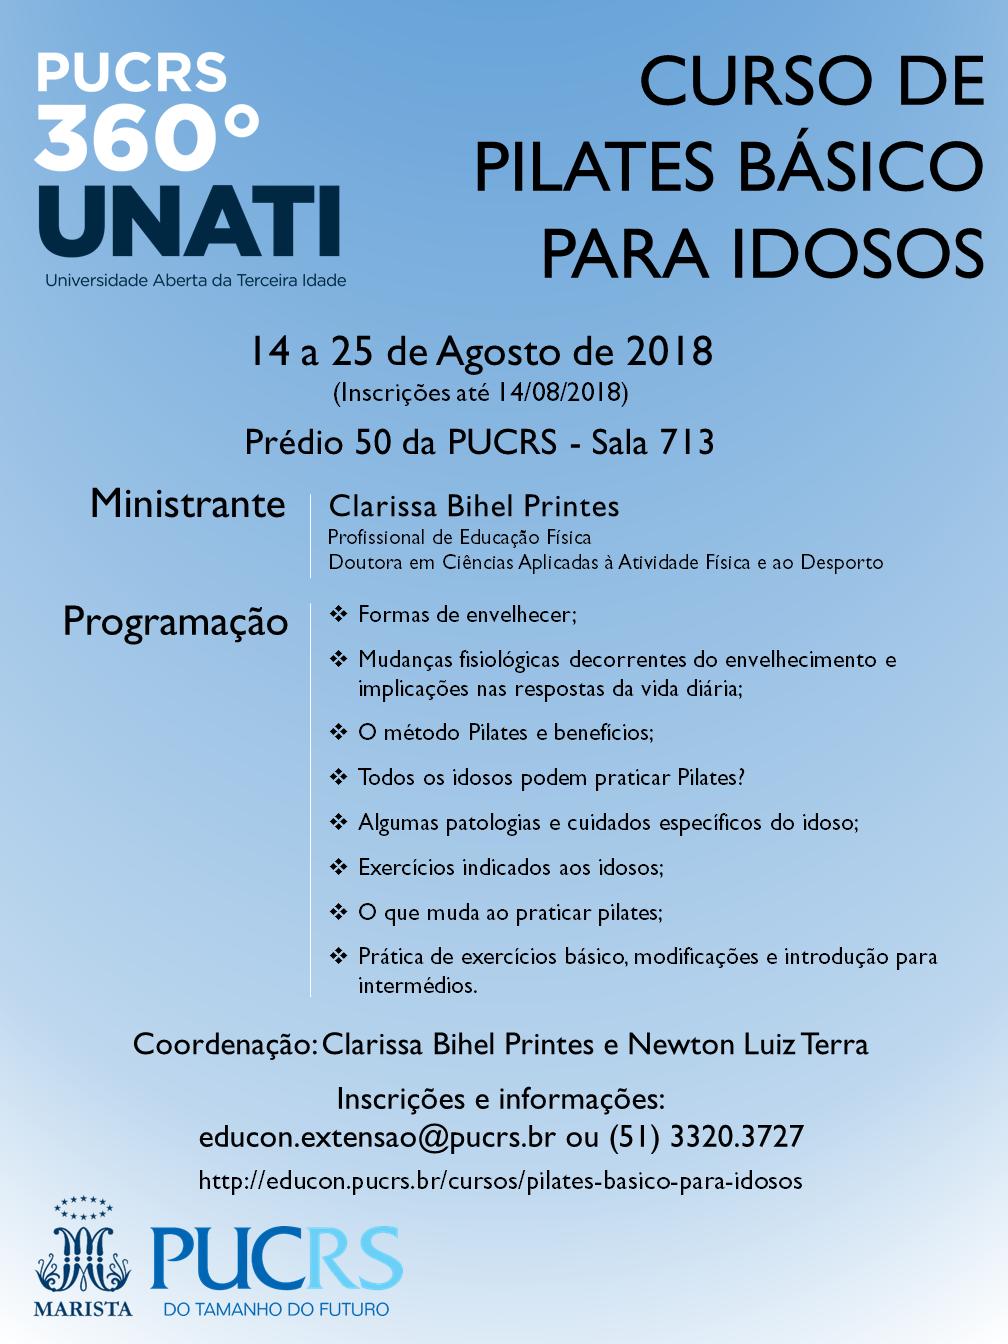 d26e982cc Conselho Regional de Educação Física do Rio Grande do Sul :: CREF2/RS ::